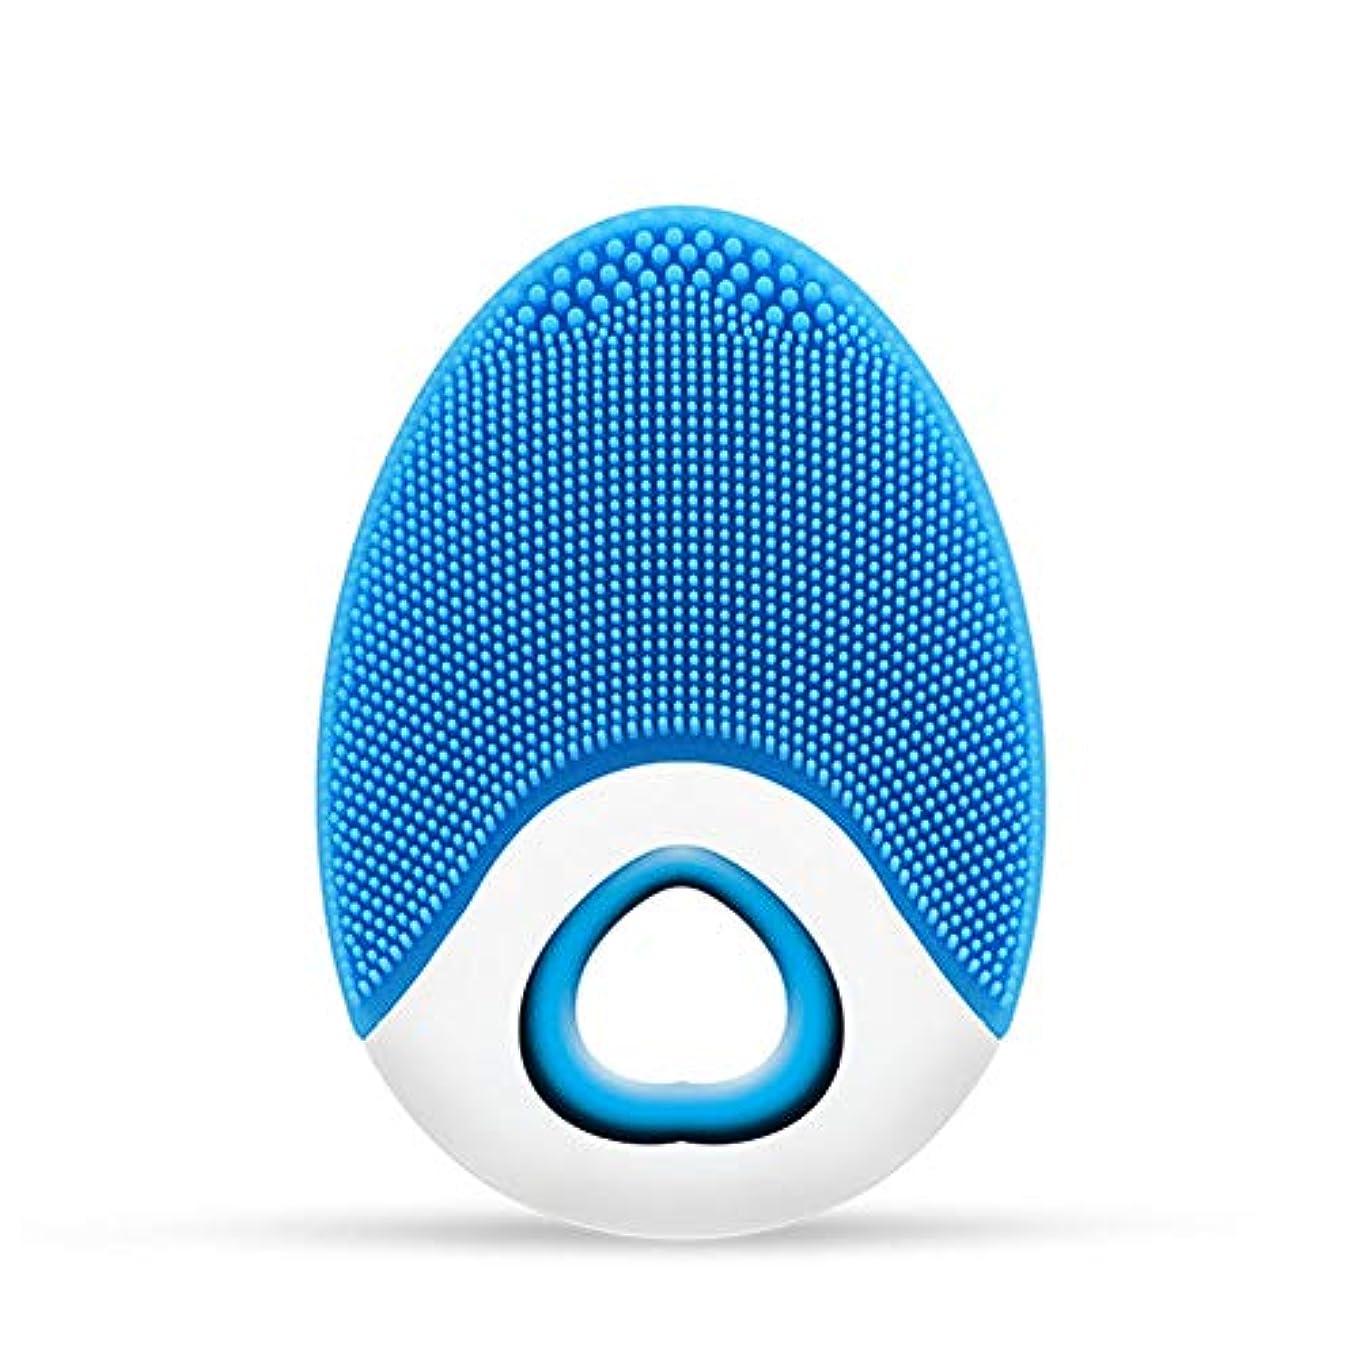 クマノミムス小さなCoolTack   1ピースシリコンフェイスクレンザーブラシ超音波ディープクリーニング防水ワイヤレス充電